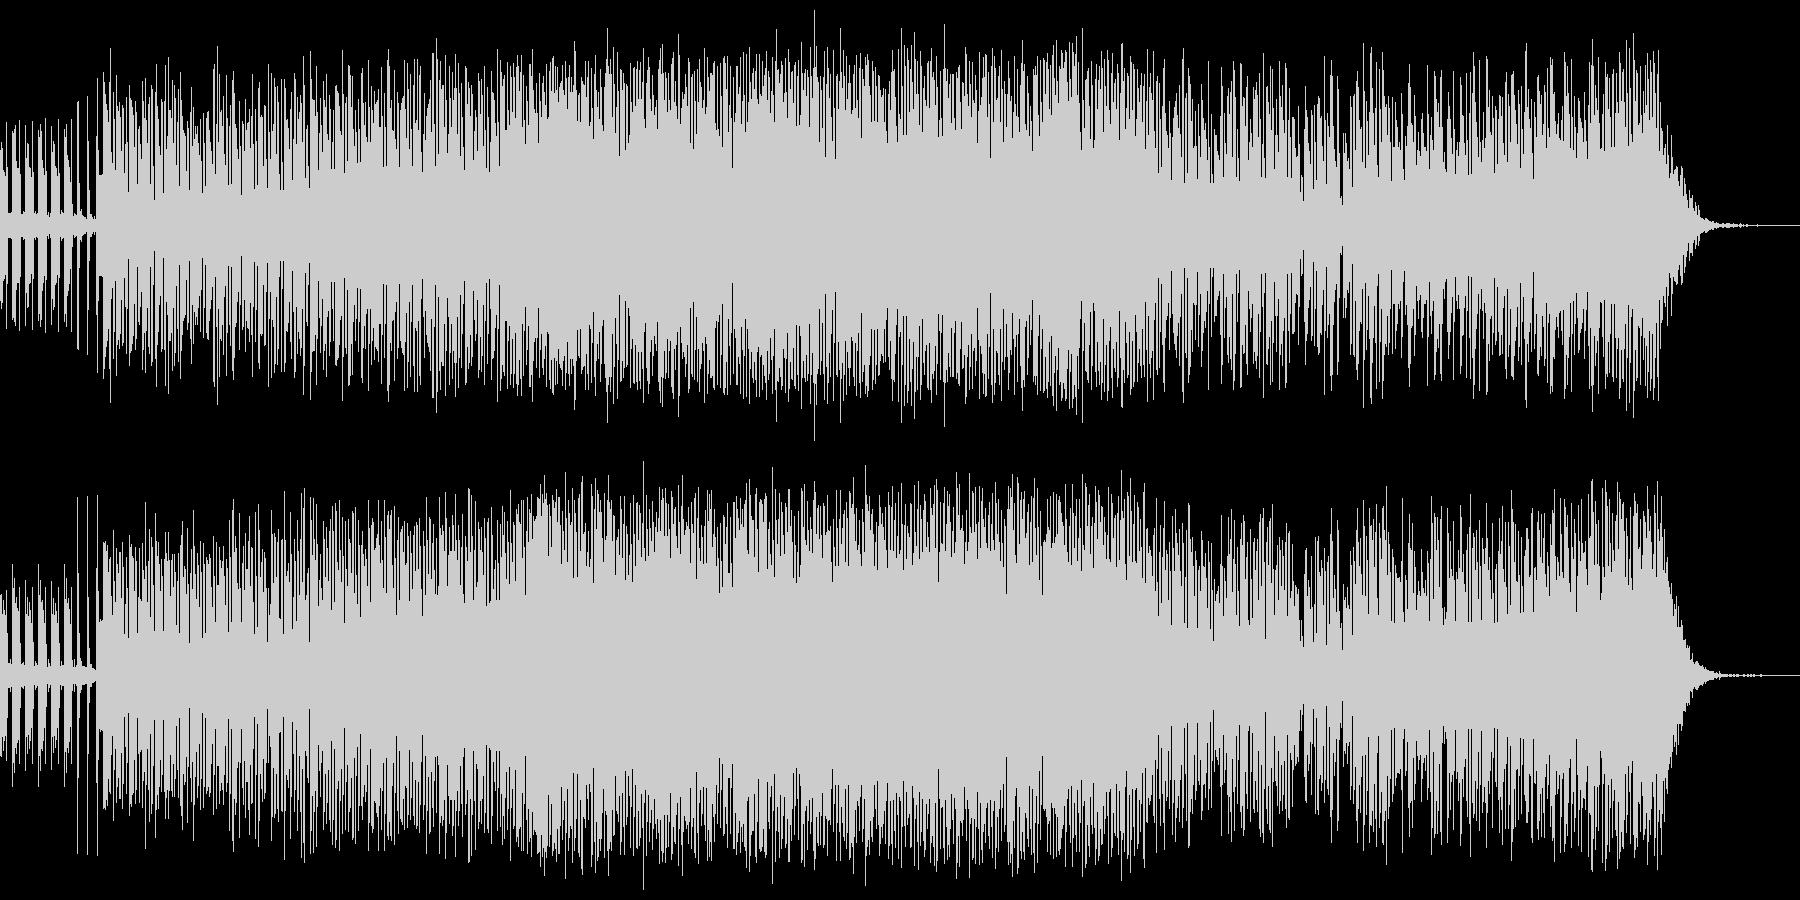 ノリが良くて楽しくカッコいいエレクトロ曲の未再生の波形